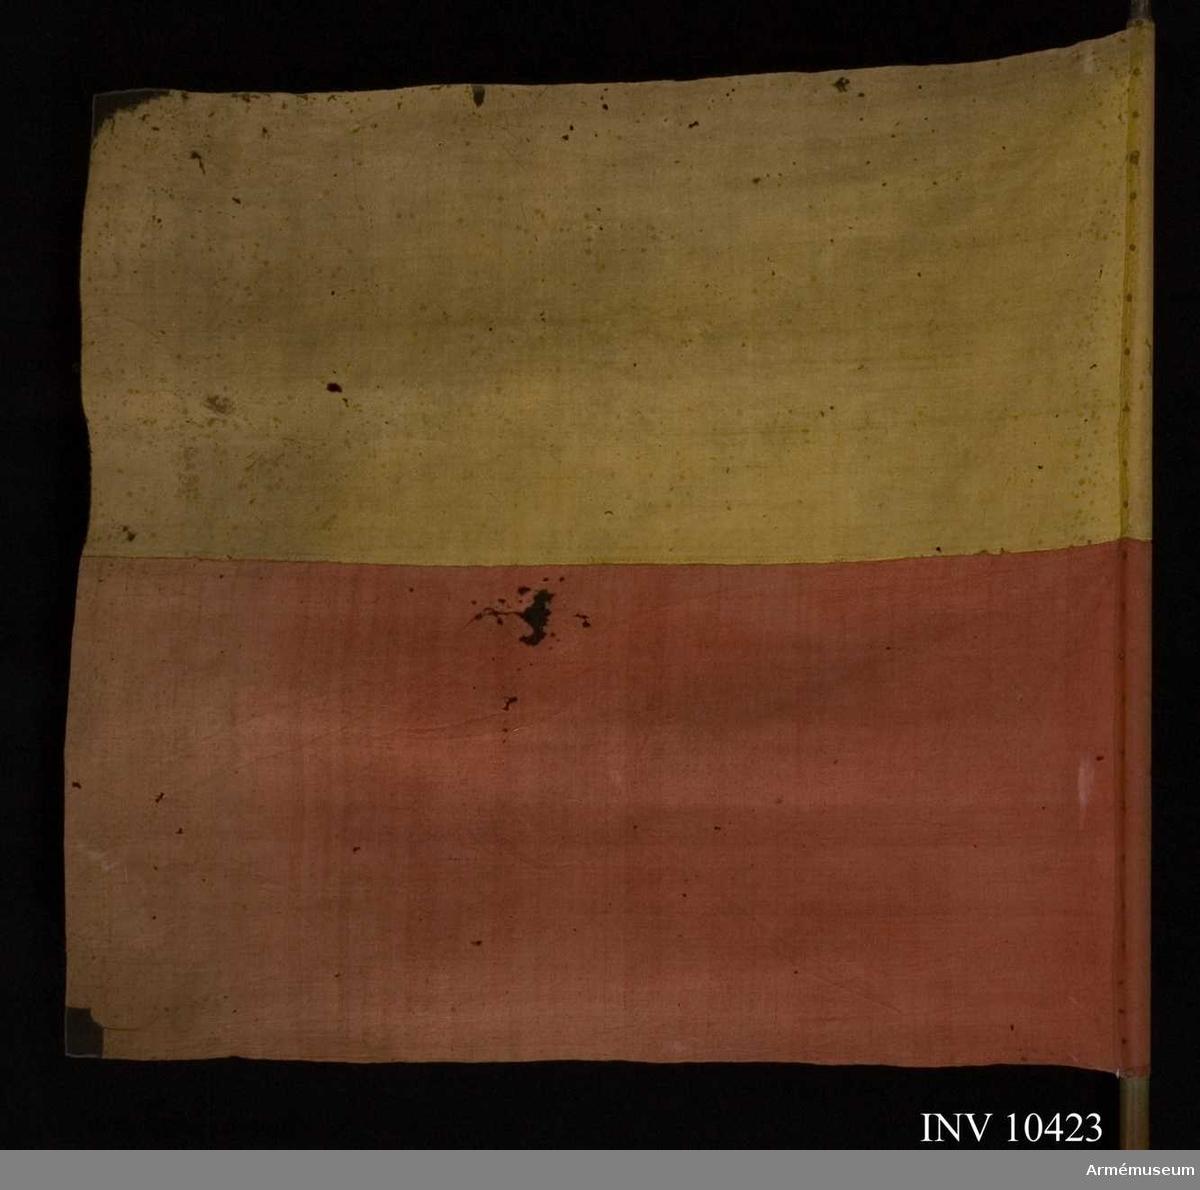 """Grupp B I.  Vidfäst lapp: """"Tillhör Edsvära kyrka"""" (Edsvära, socken i  Skånings härad, Skaraborgs län)  Duk av 4-skaftad ylleduk, delad; övre halvan gul, undre röd. Fäst med enkla spikar på läderband.Stång av omålad furu. Spets i ett med stångens trä, svartmålad rund knopp på konisk hals."""